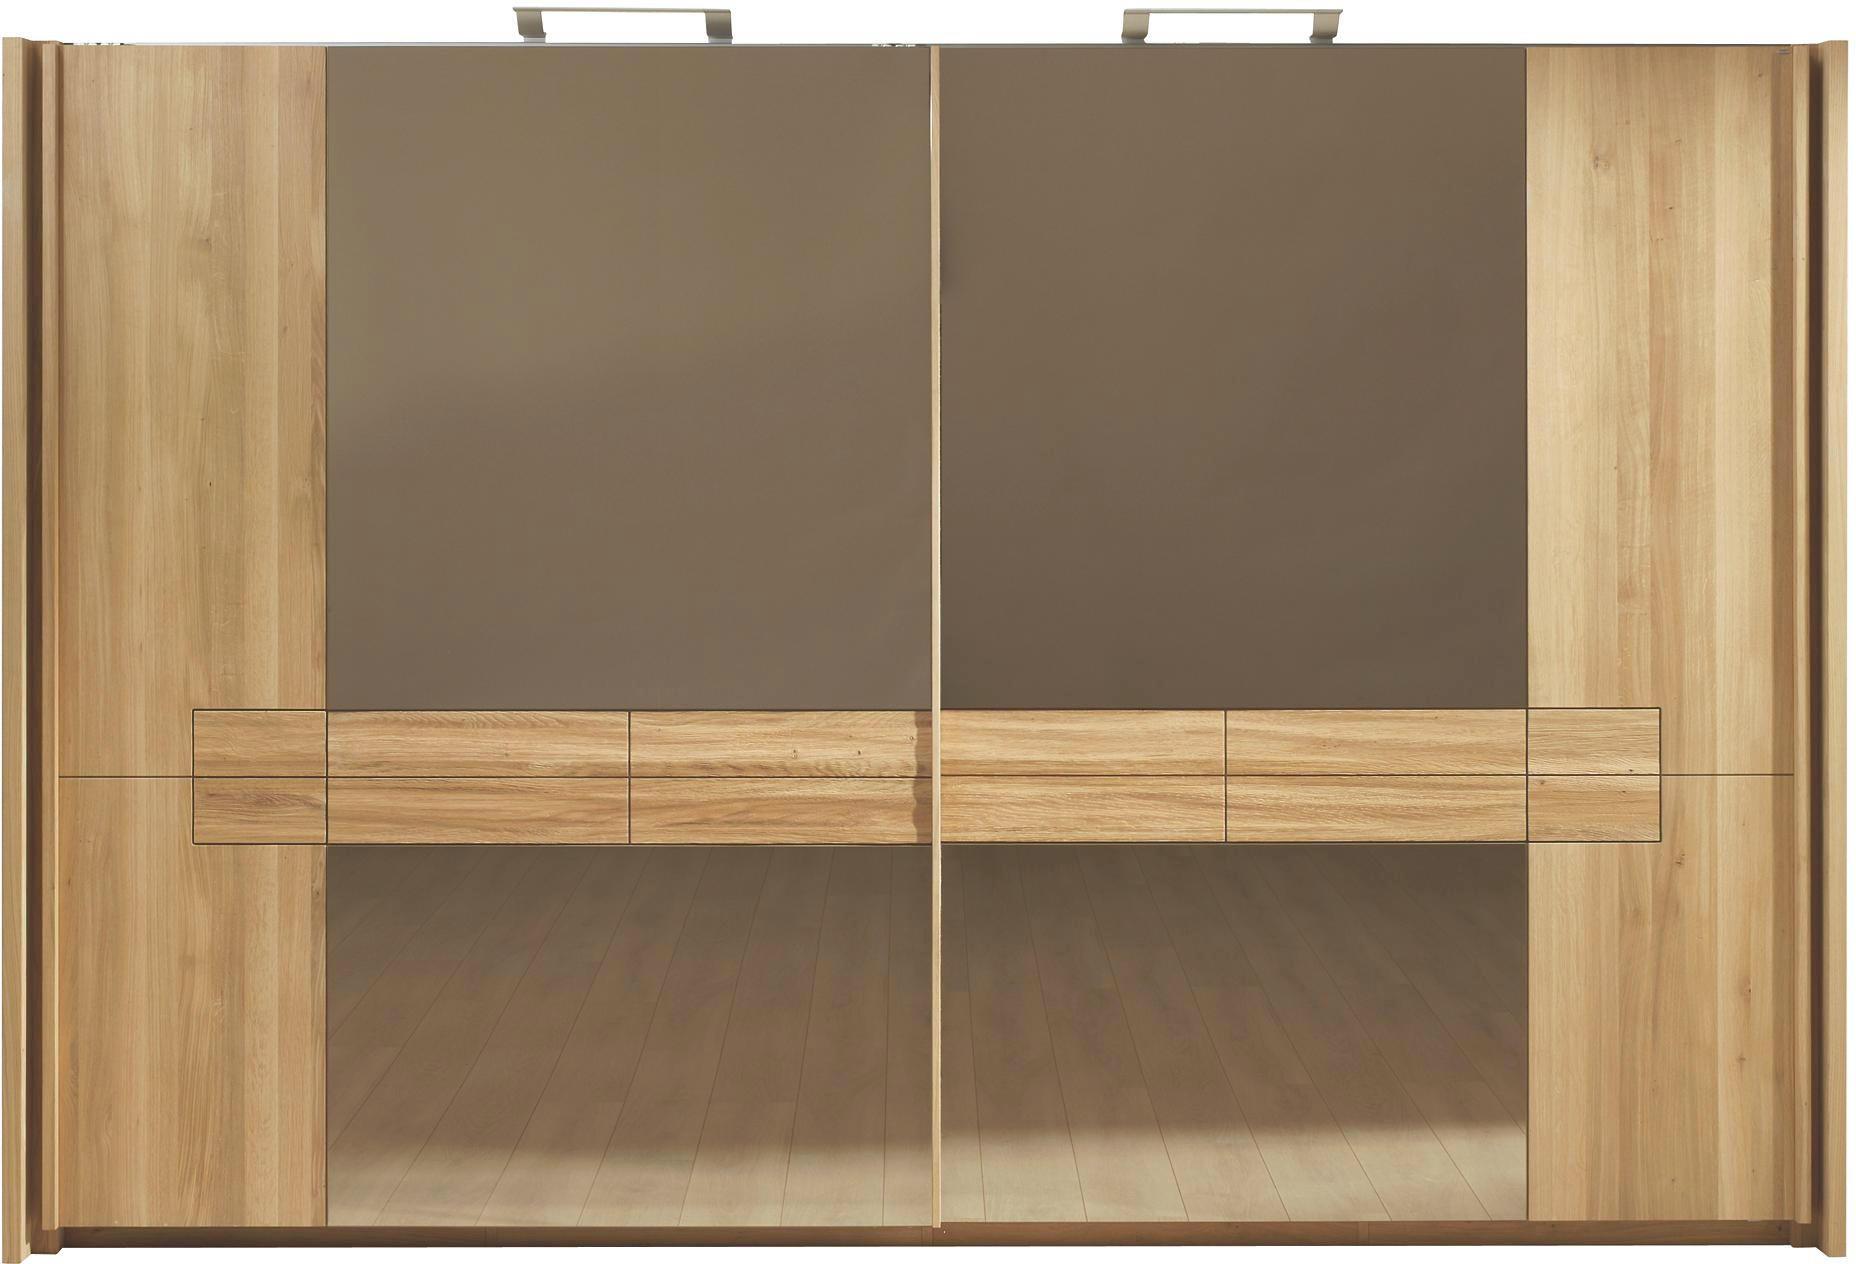 SCHWEBETÜRENSCHRANK 2  -türig Wildeiche mehrschichtige Massivholzplatte (Tischlerplatte) Eichefarben - Eichefarben, Design, Glas/Holz (282/226/71cm) - VOGLAUER